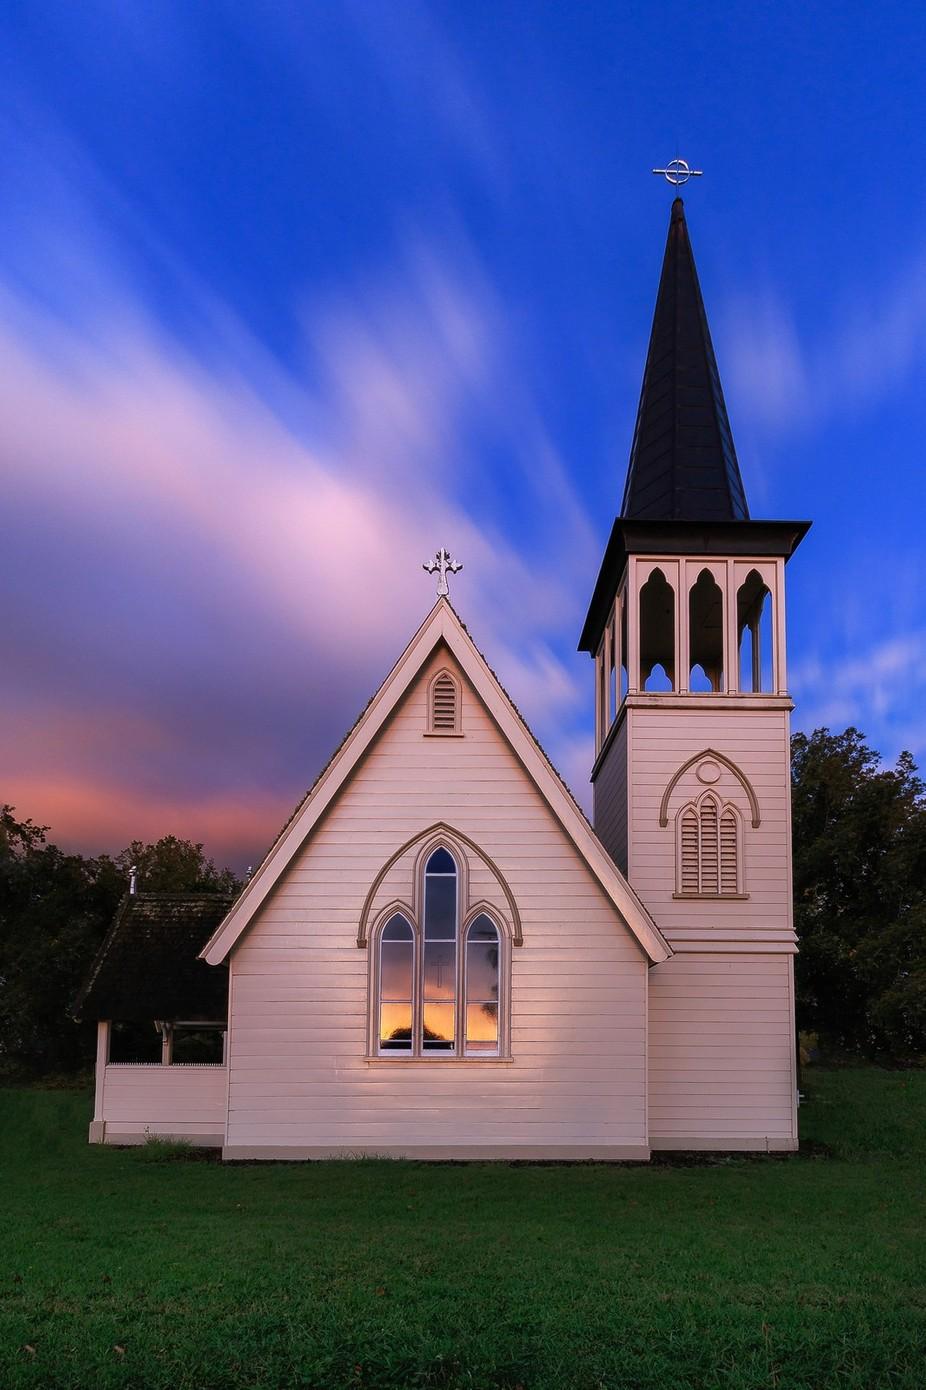 St John The Baptist`s Church by NielsFahrenkrogPhoto - Faith Photo Contest with Scott Jarvie